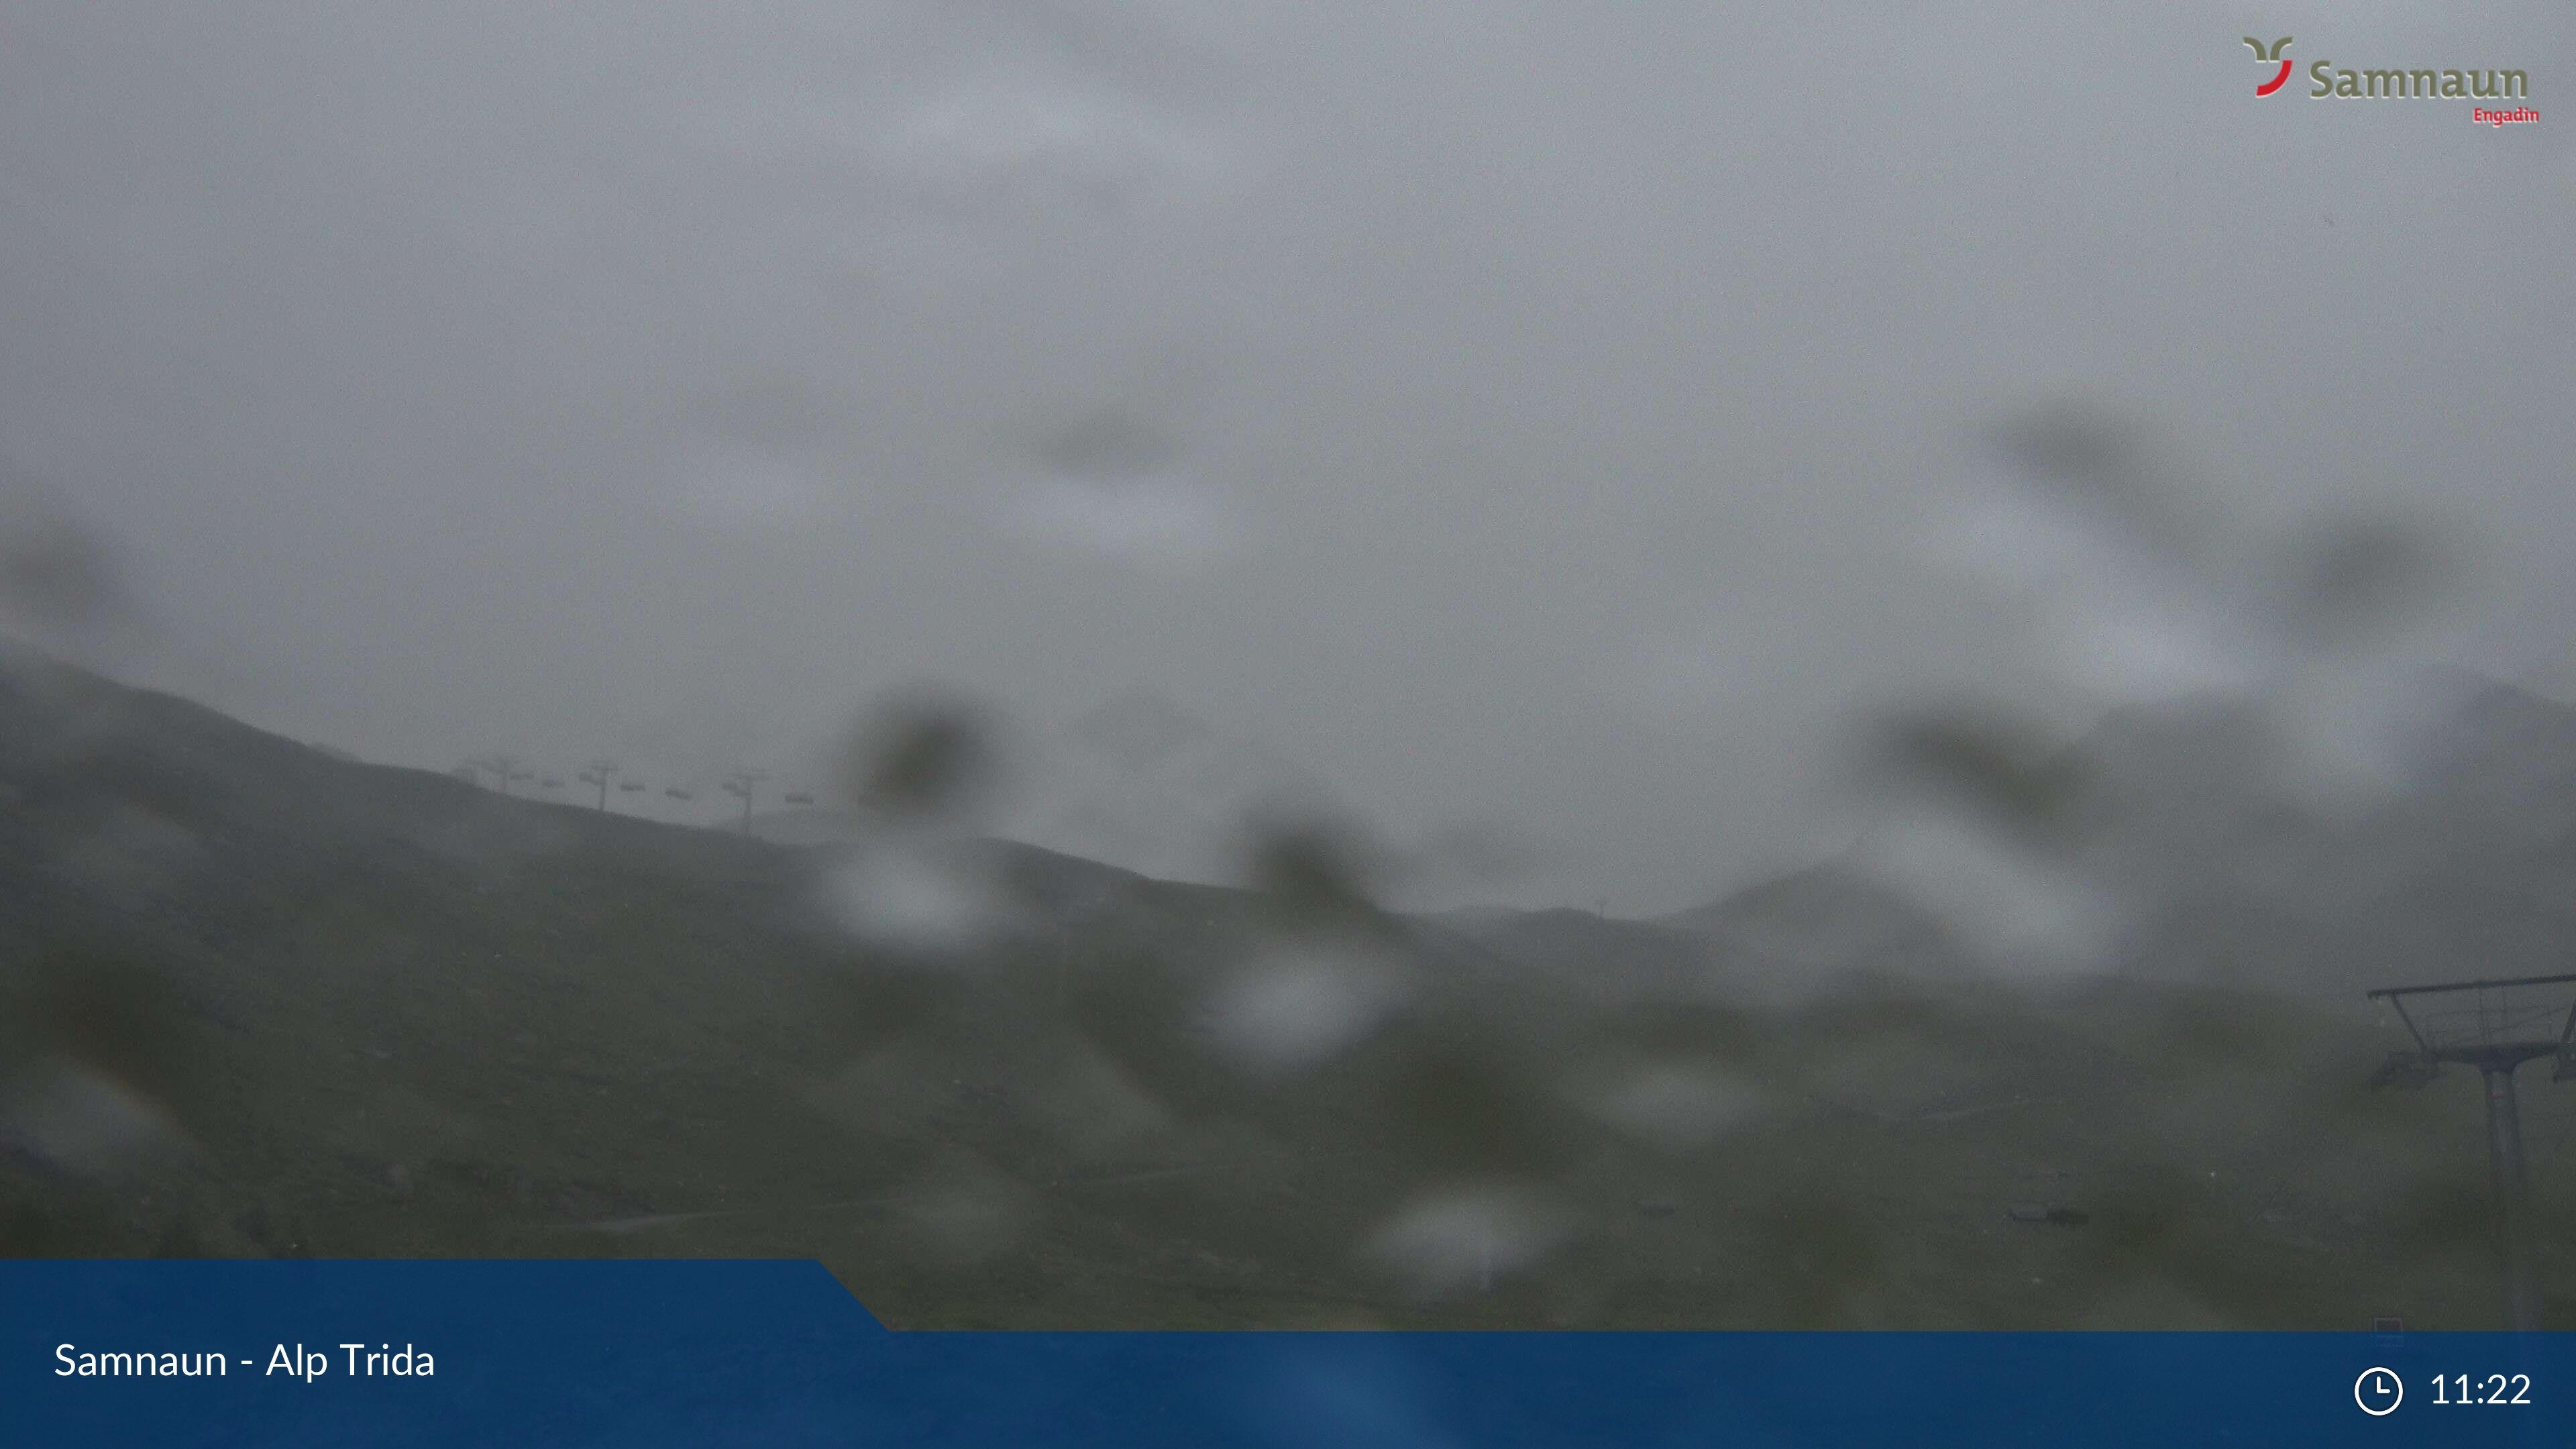 Samnaun-Compatsch: Samnaun - Alp Trida, Sattel